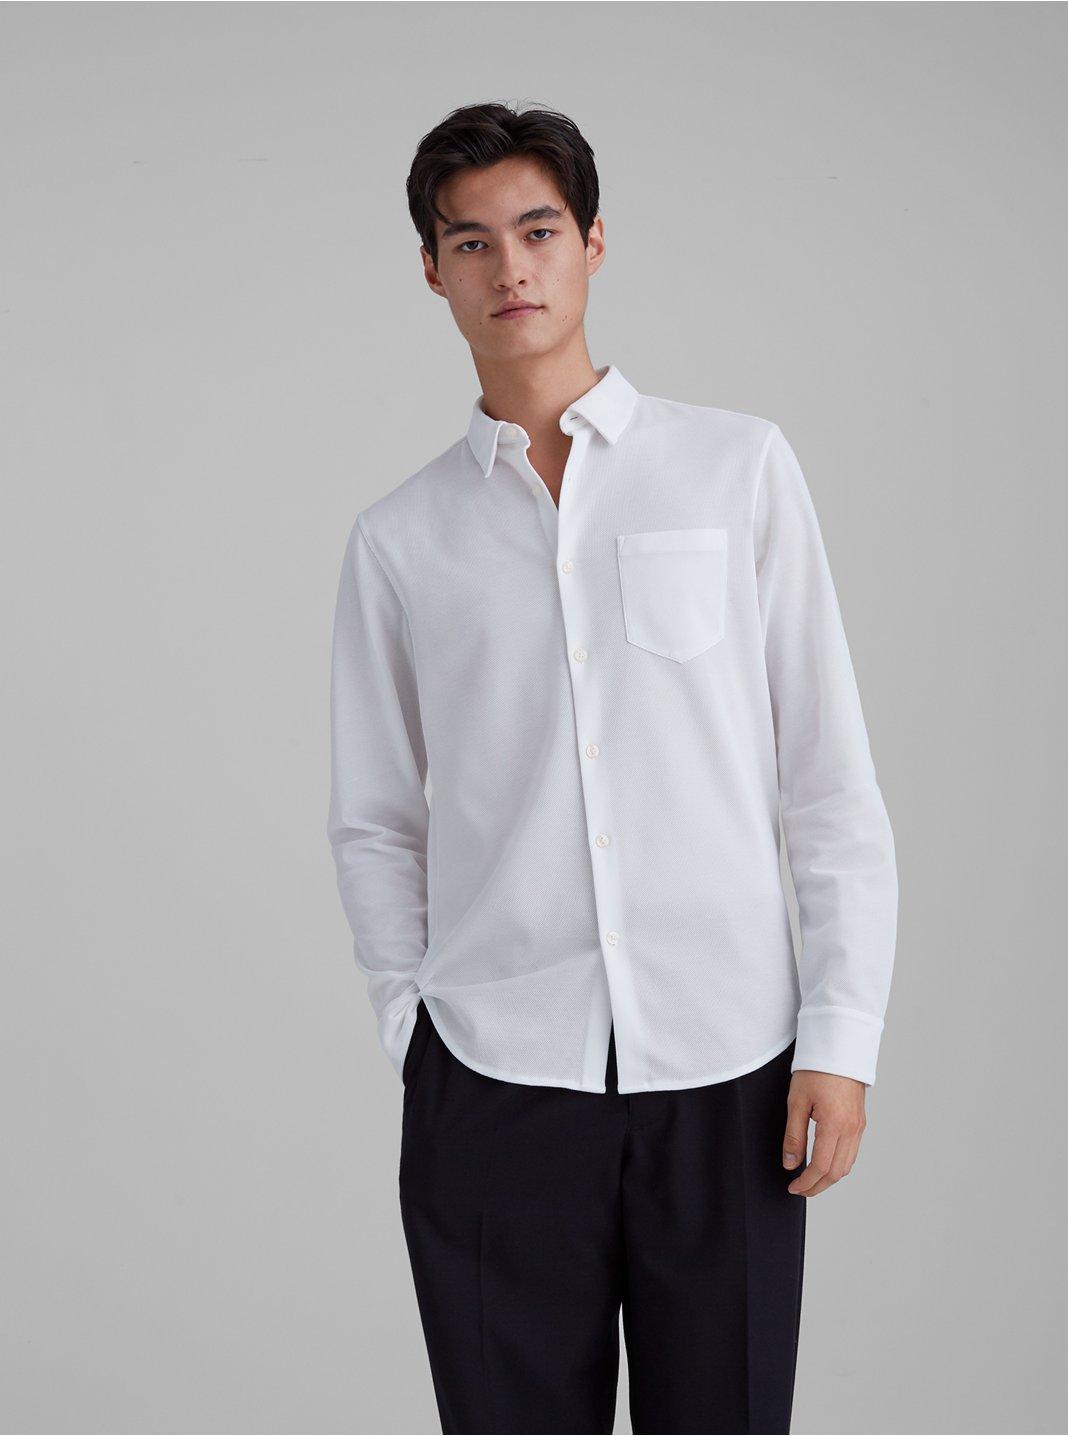 Pique Knit Shirt